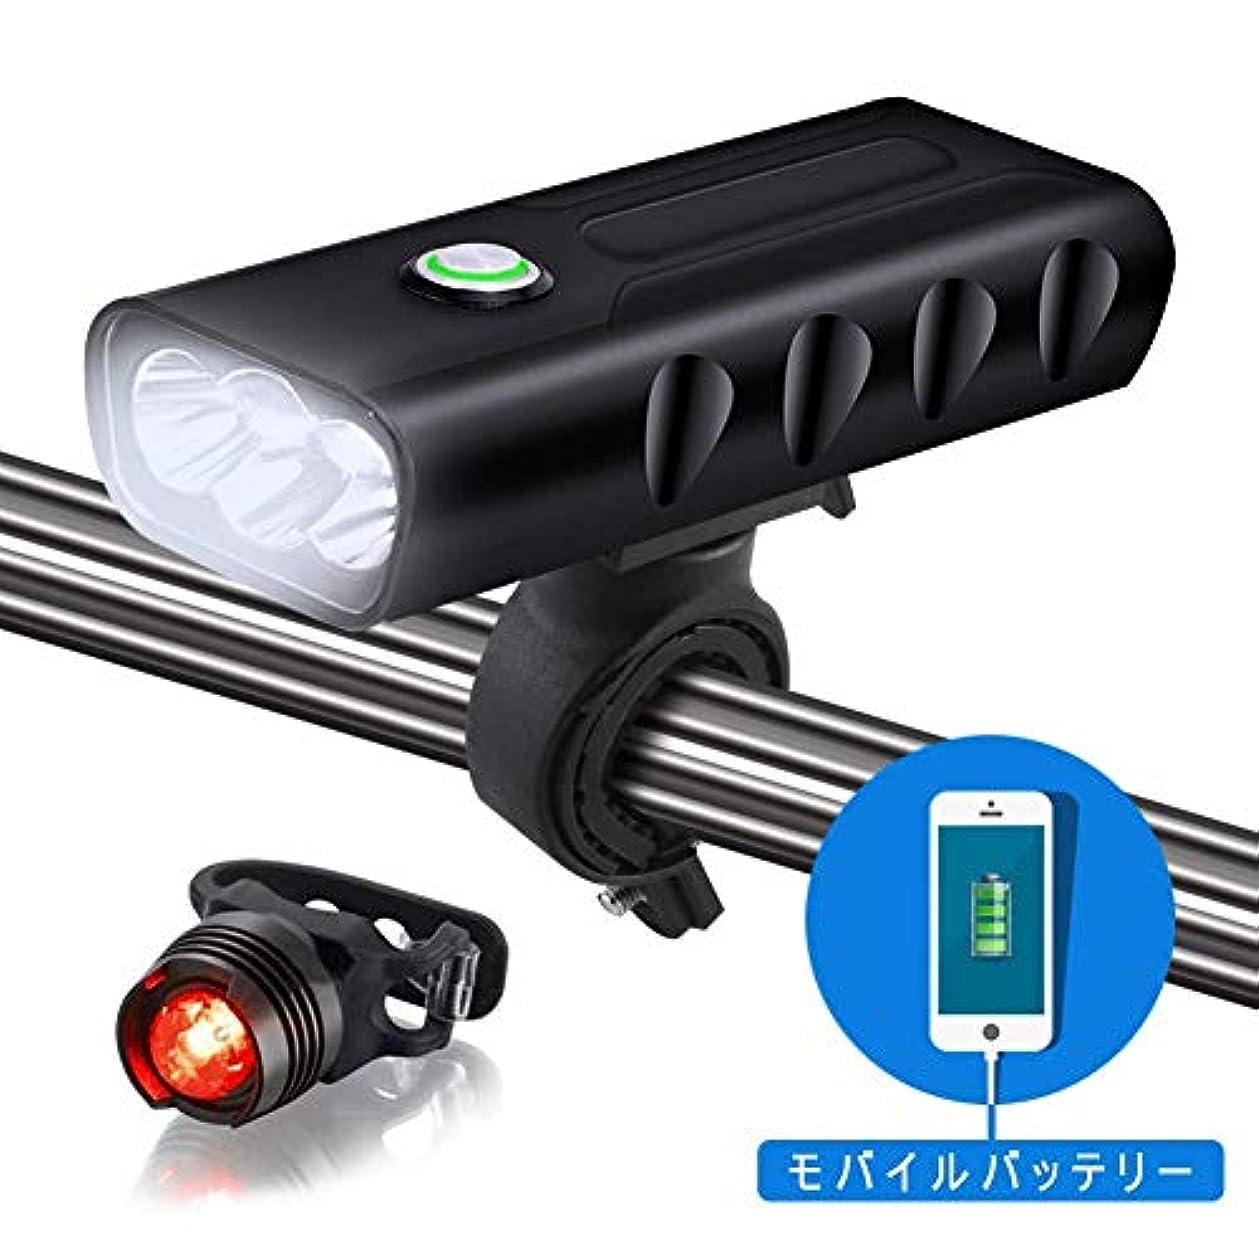 嫌悪スロープすでにFinnart 自転車ライト USB充電式 LEDヘッドライト 大容量2600mah USB充電式テールライト付き スマホ充電可能 自転車ヘッドライト 高輝度IPX5 防水 防振 アルミ合金製 懐中電灯兼用 ブラック 一年間安心保証